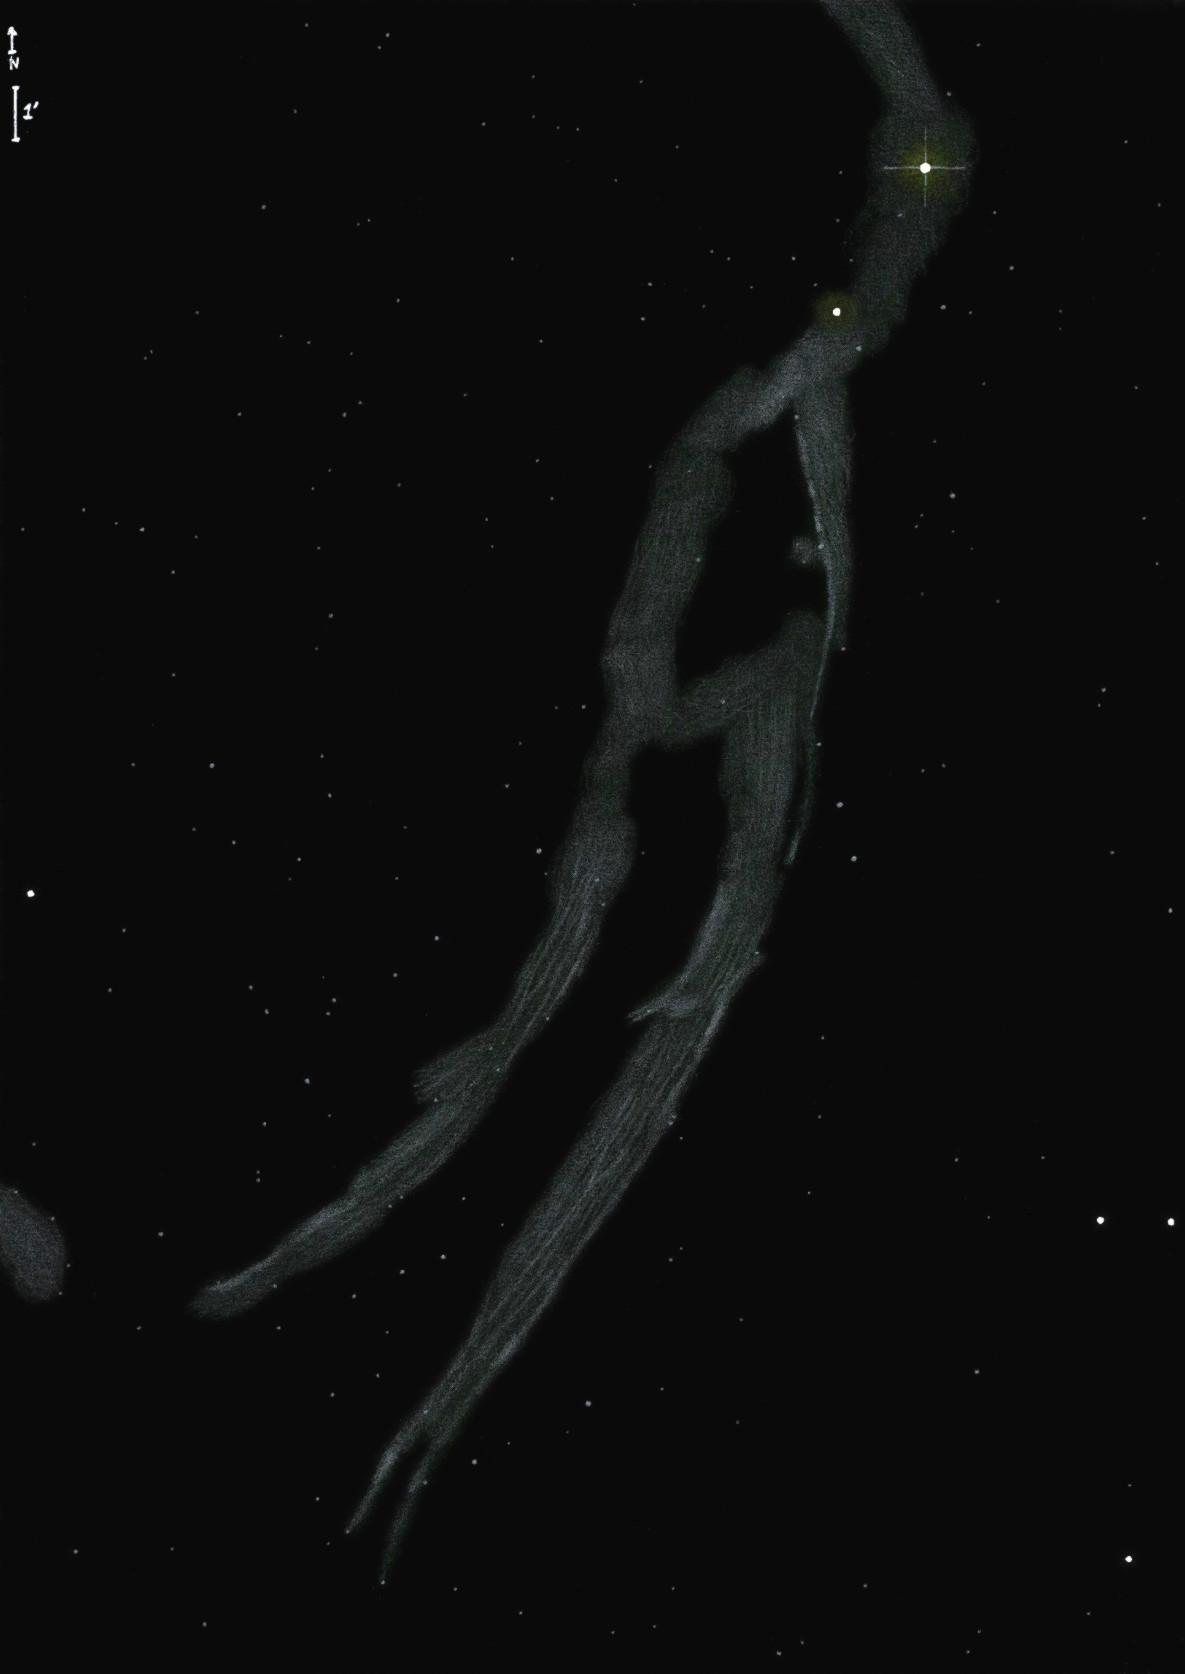 NGC6960obs7499.jpg